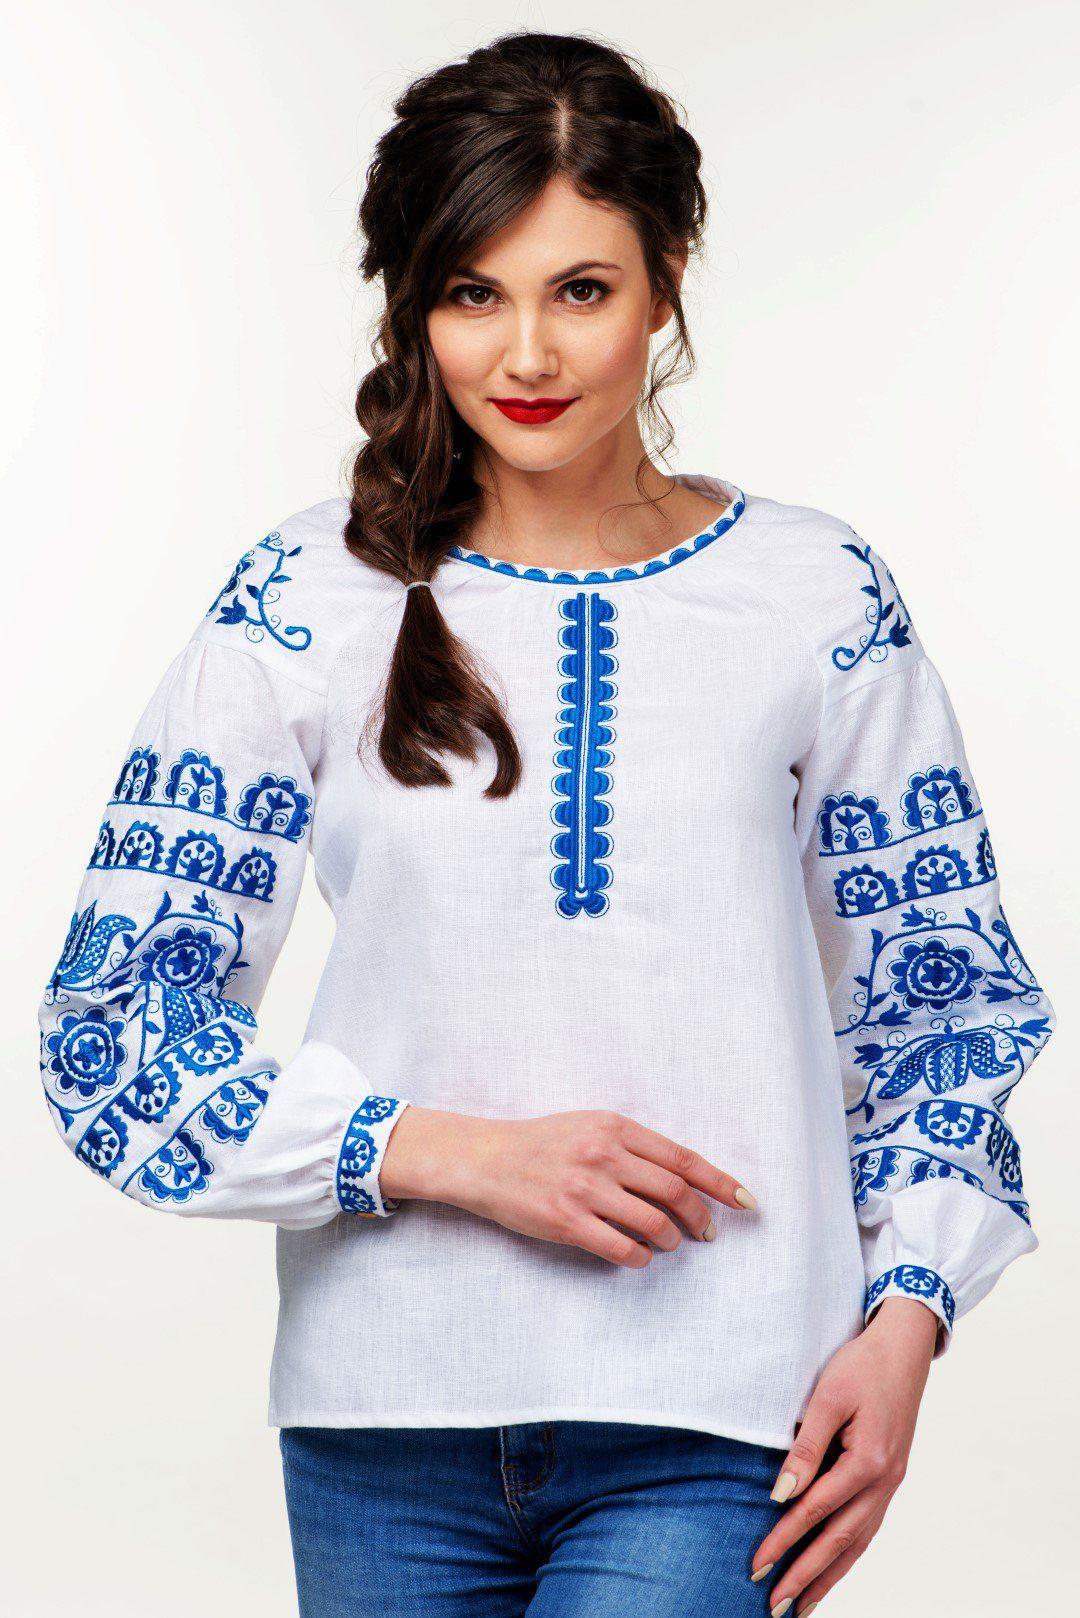 Жіноча вишиванка (754)Жіноча вишита сорочка від українського виробника